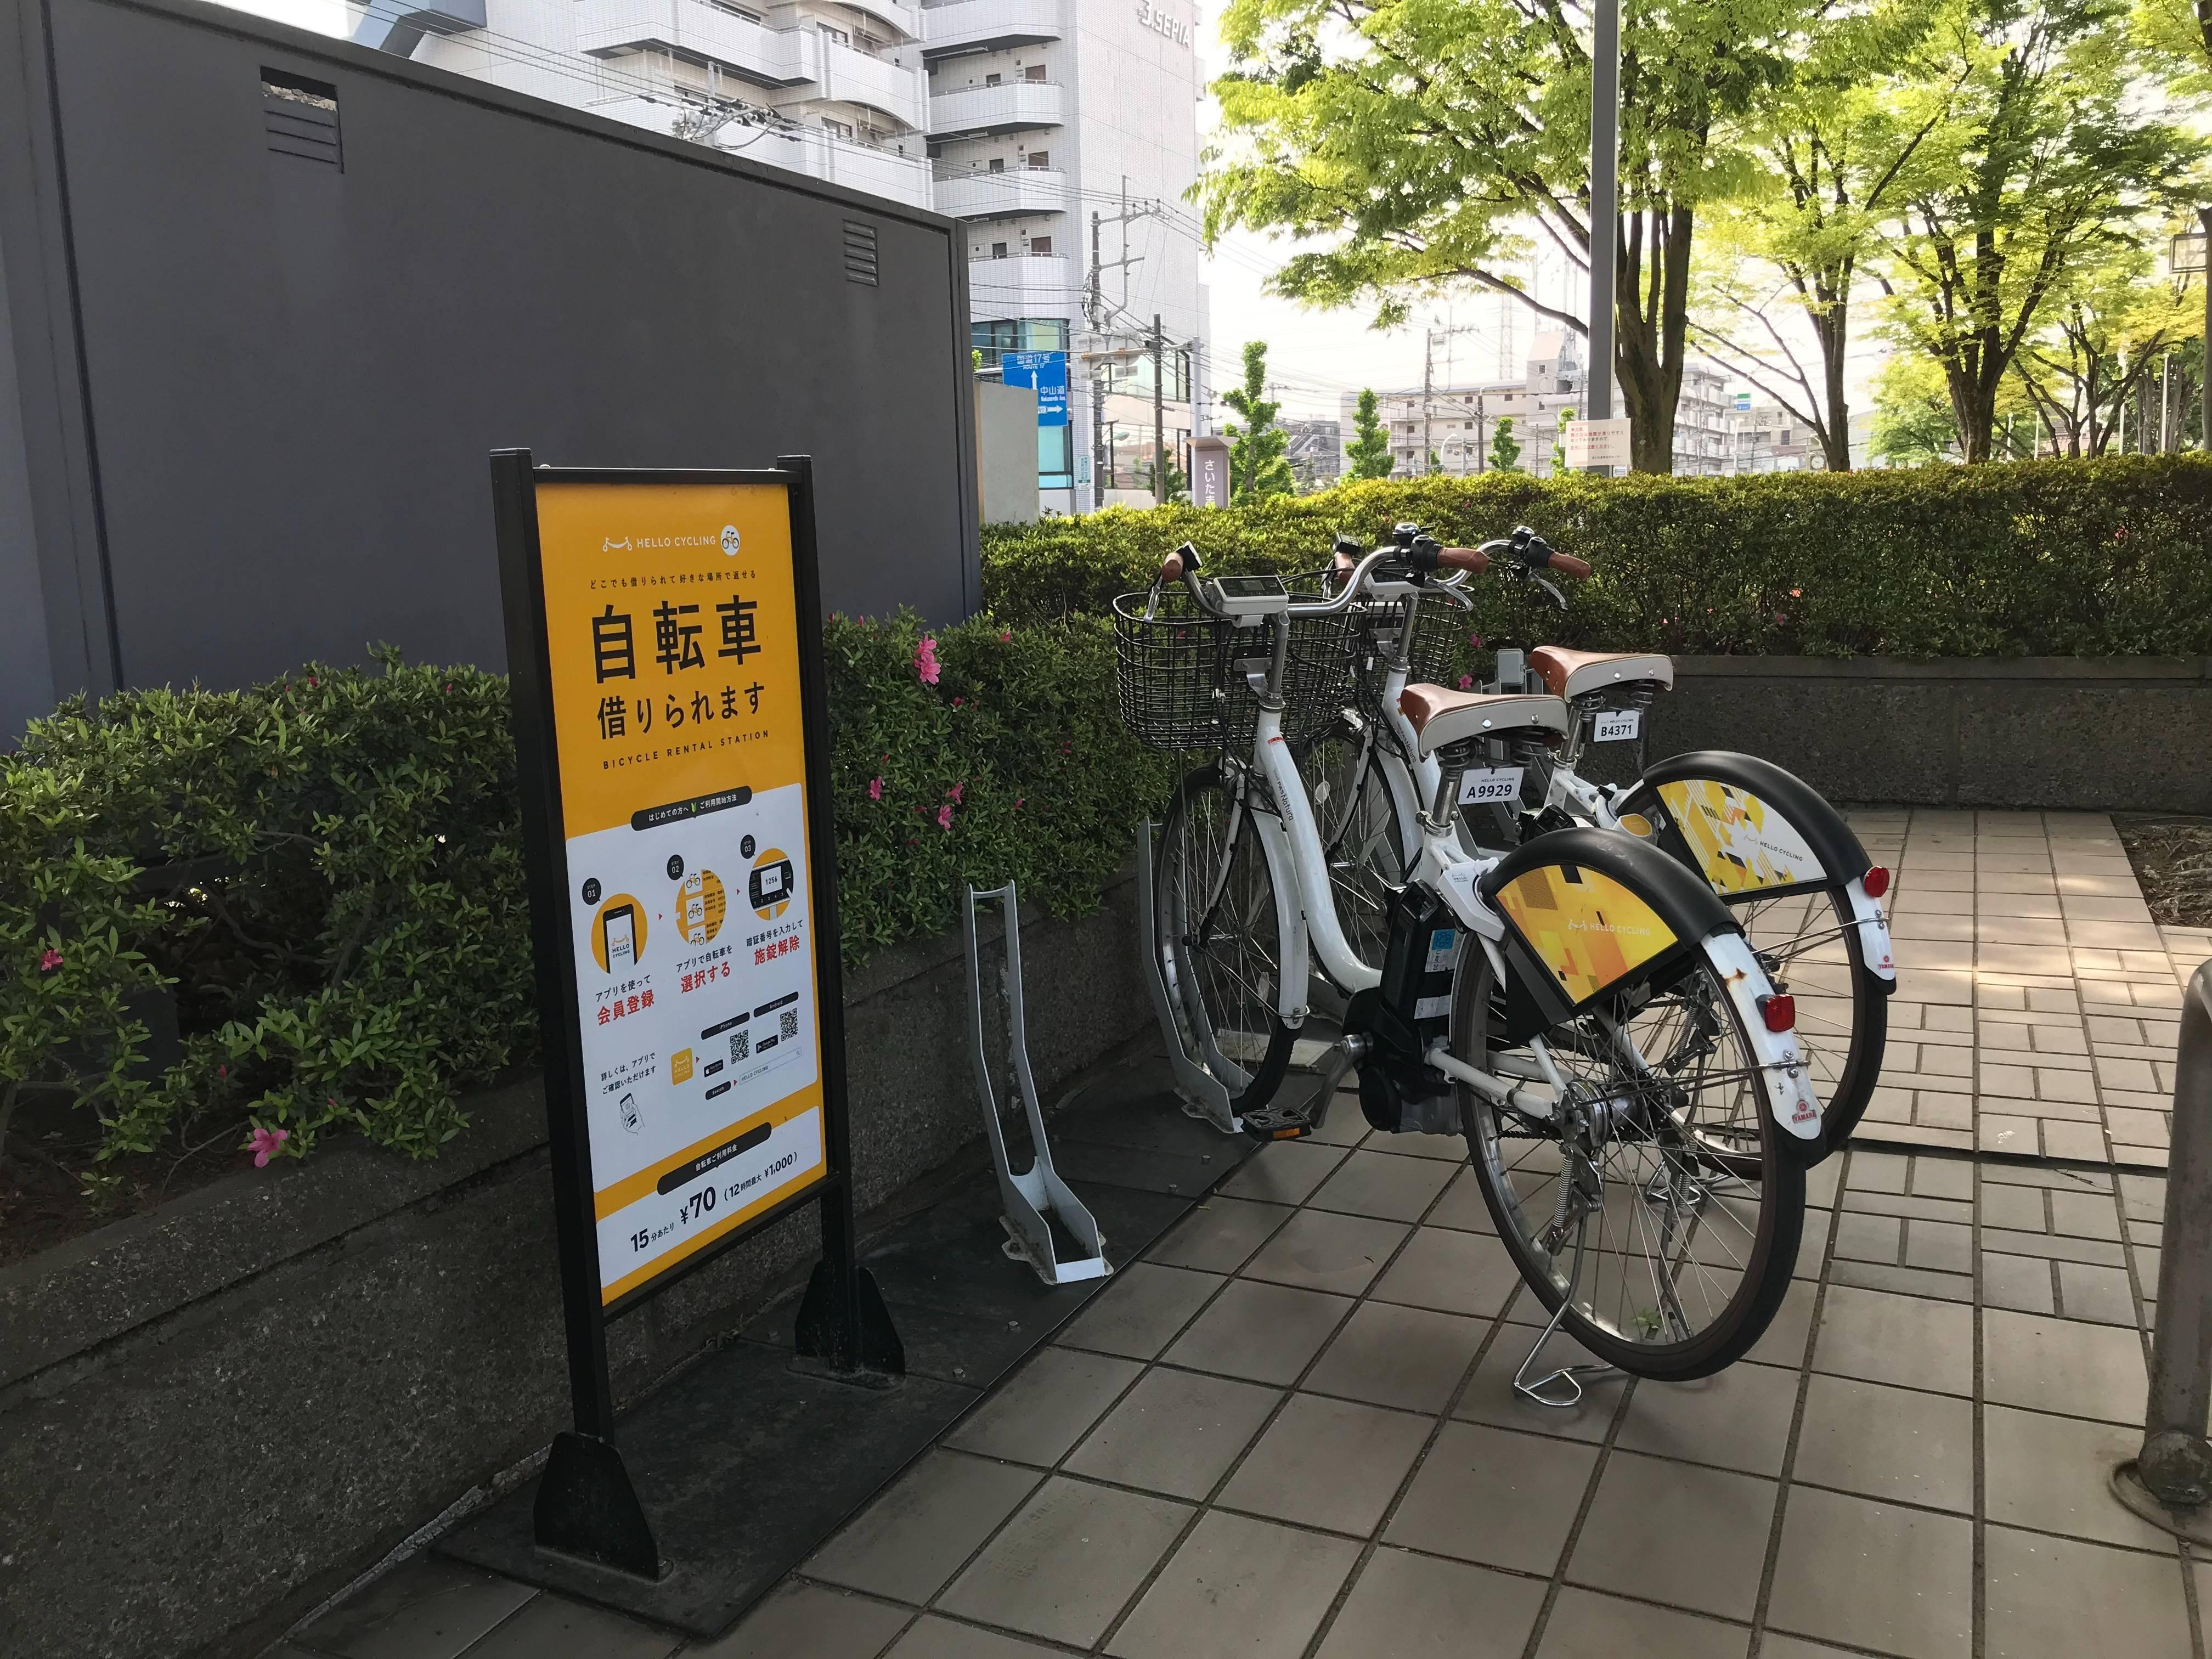 さいたま市文化センター (HELLO CYCLING ポート)の画像1